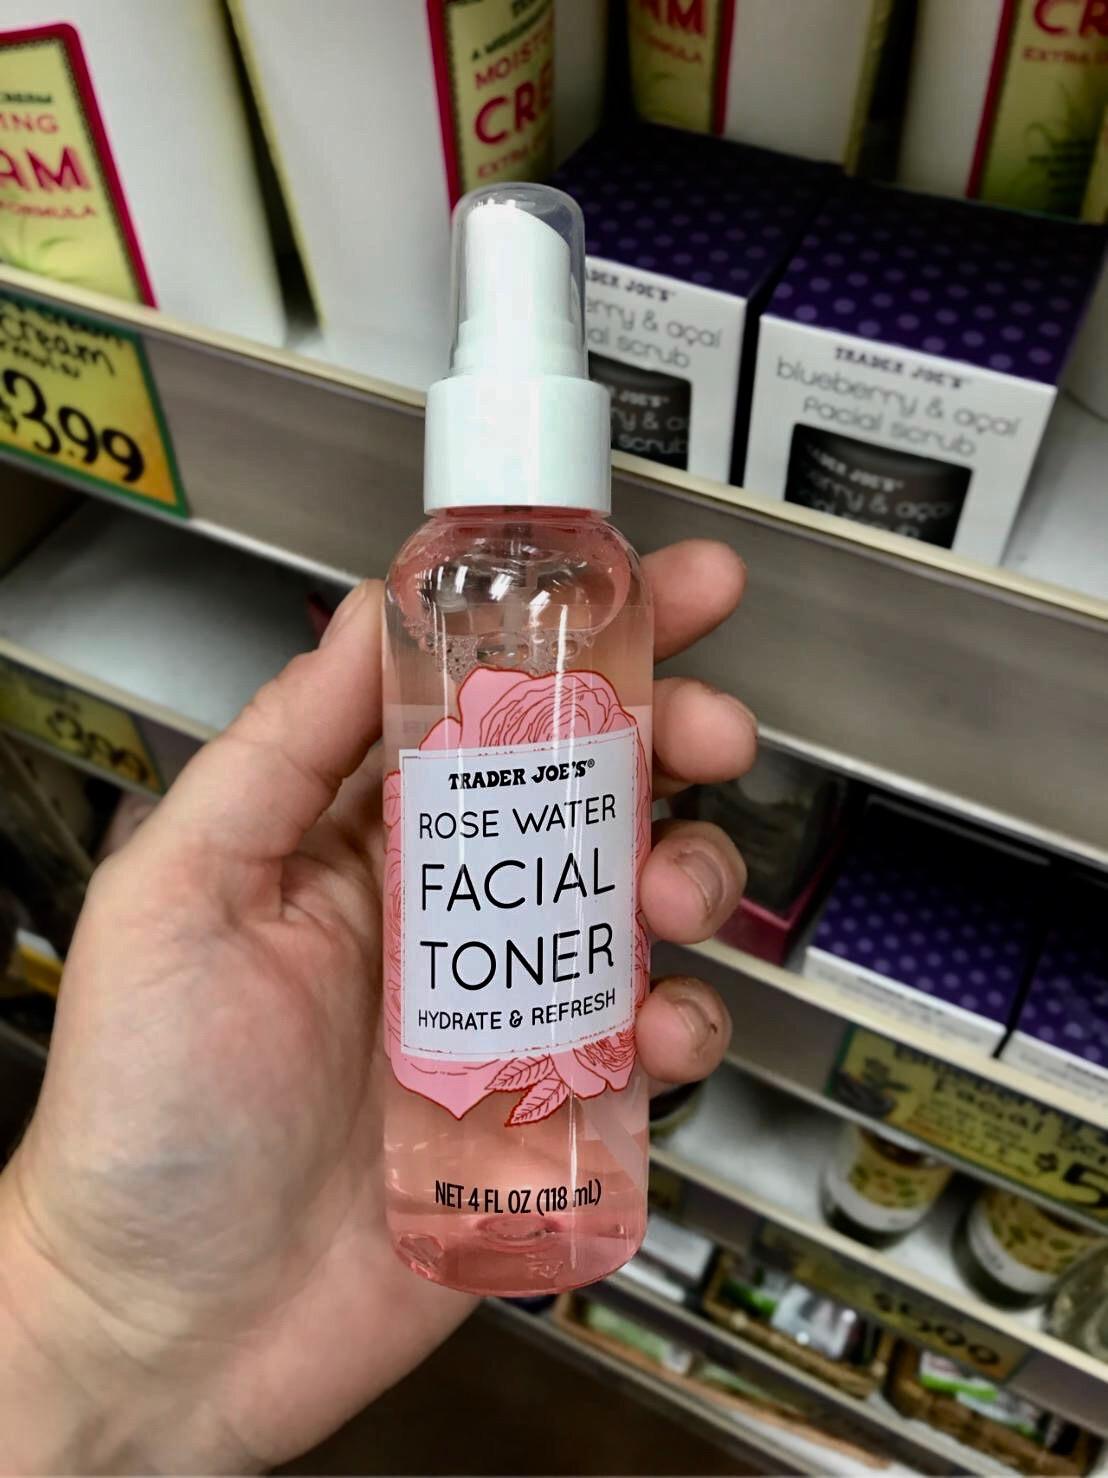 Trader Joe's Rose Water Facial Toner.jpg